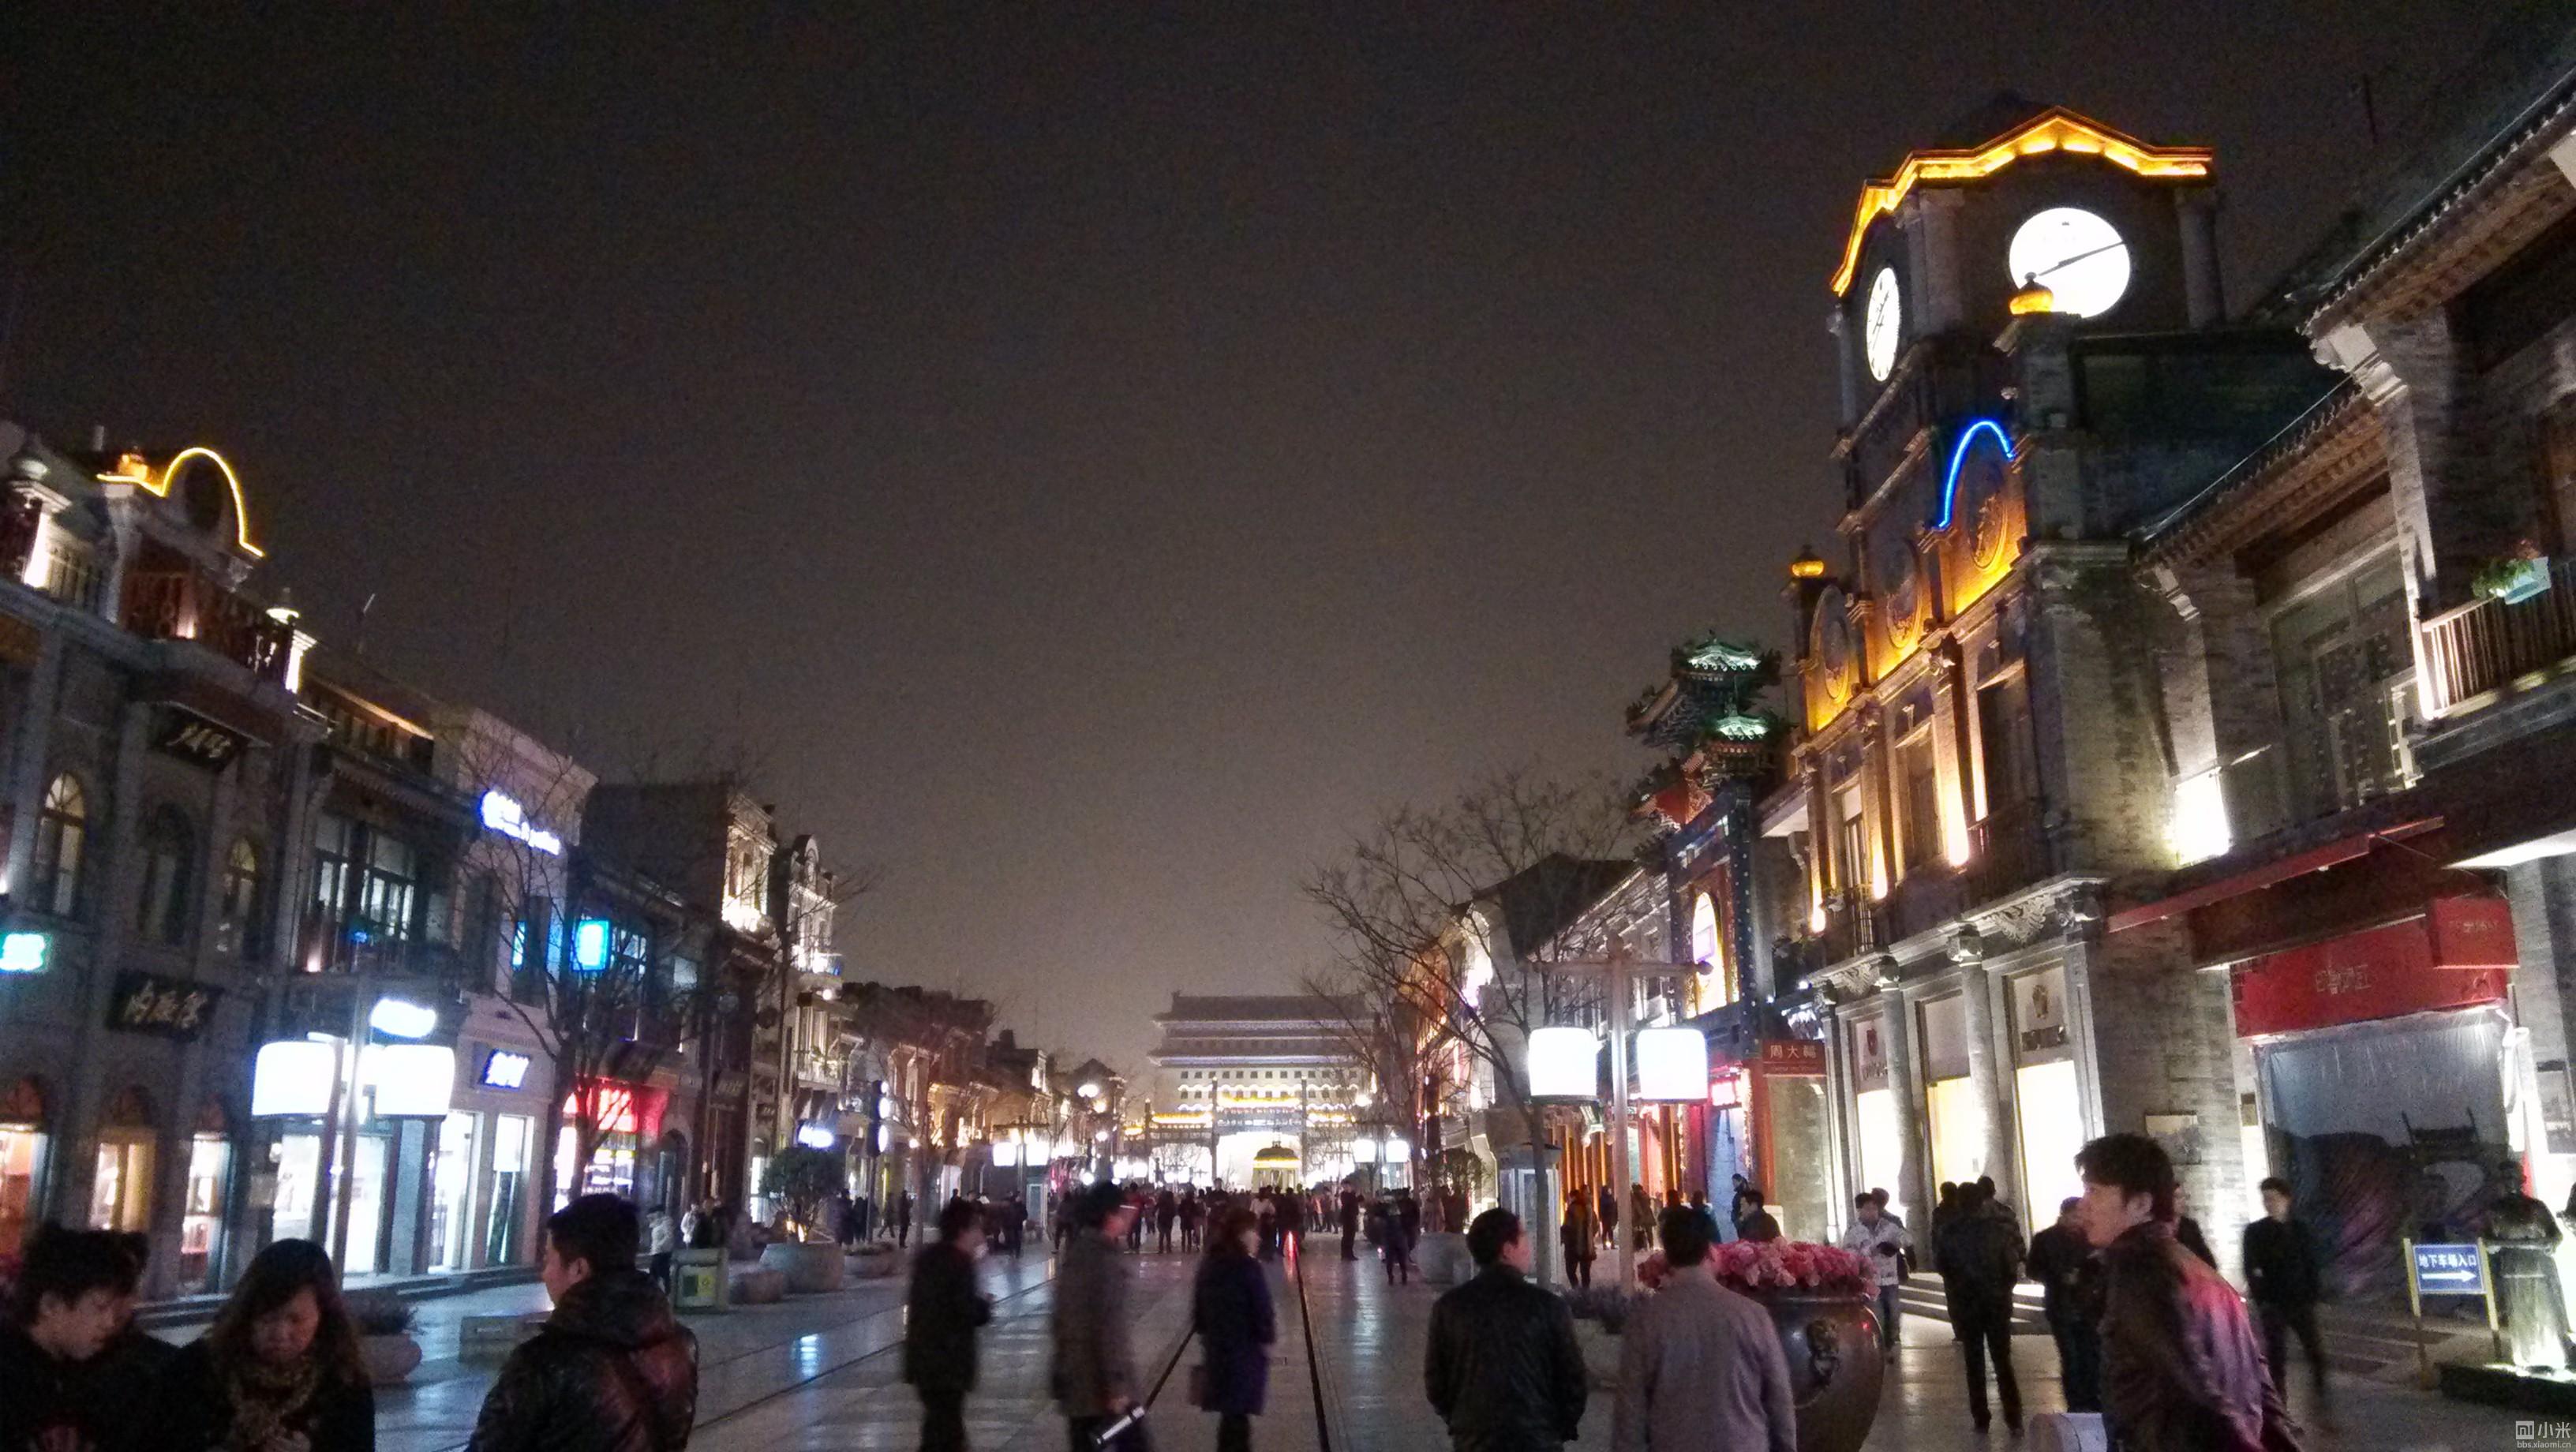 小米袁宝_#袁宝带你看中国#系列一---北京前门大街 - 小米社区官方论坛